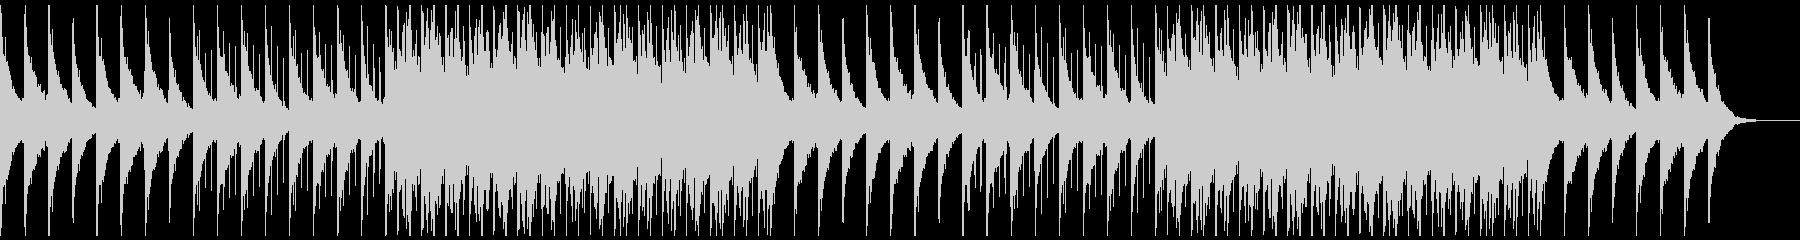 ピアノ・ストリングス・企業VP 1の未再生の波形